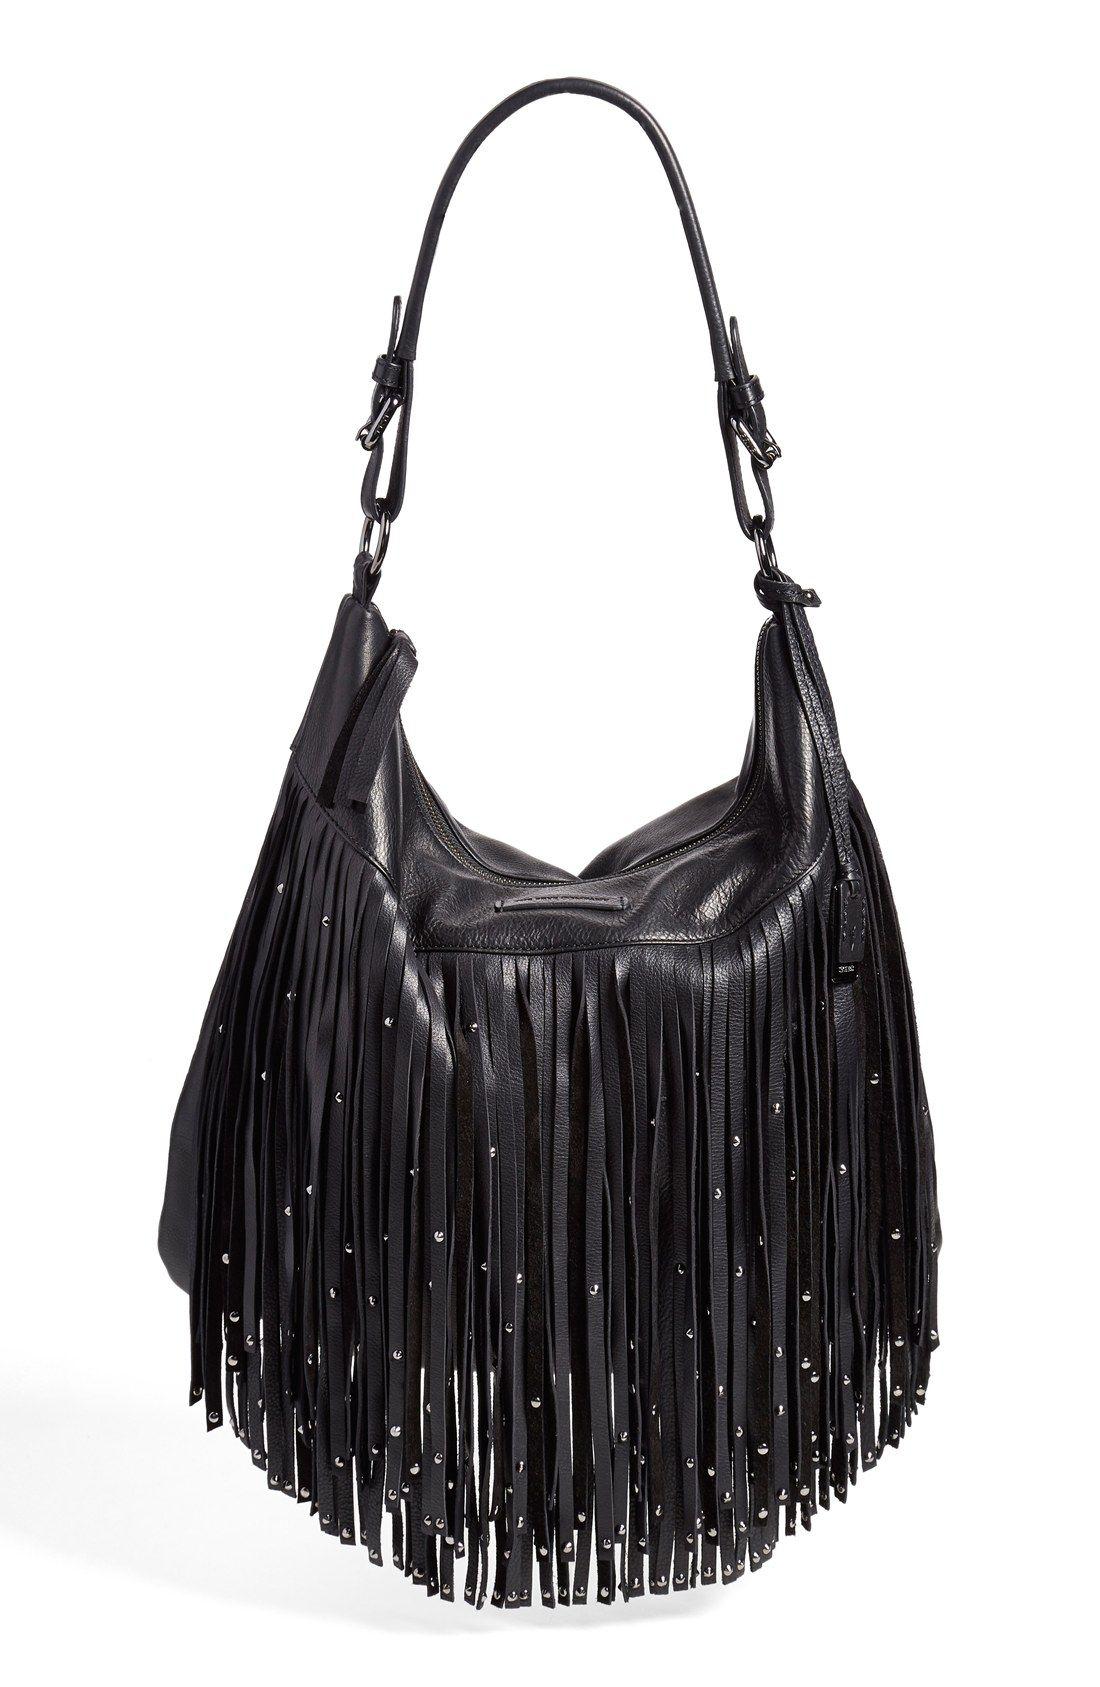 Frye Heidi Studded Fringe Hobo Bags